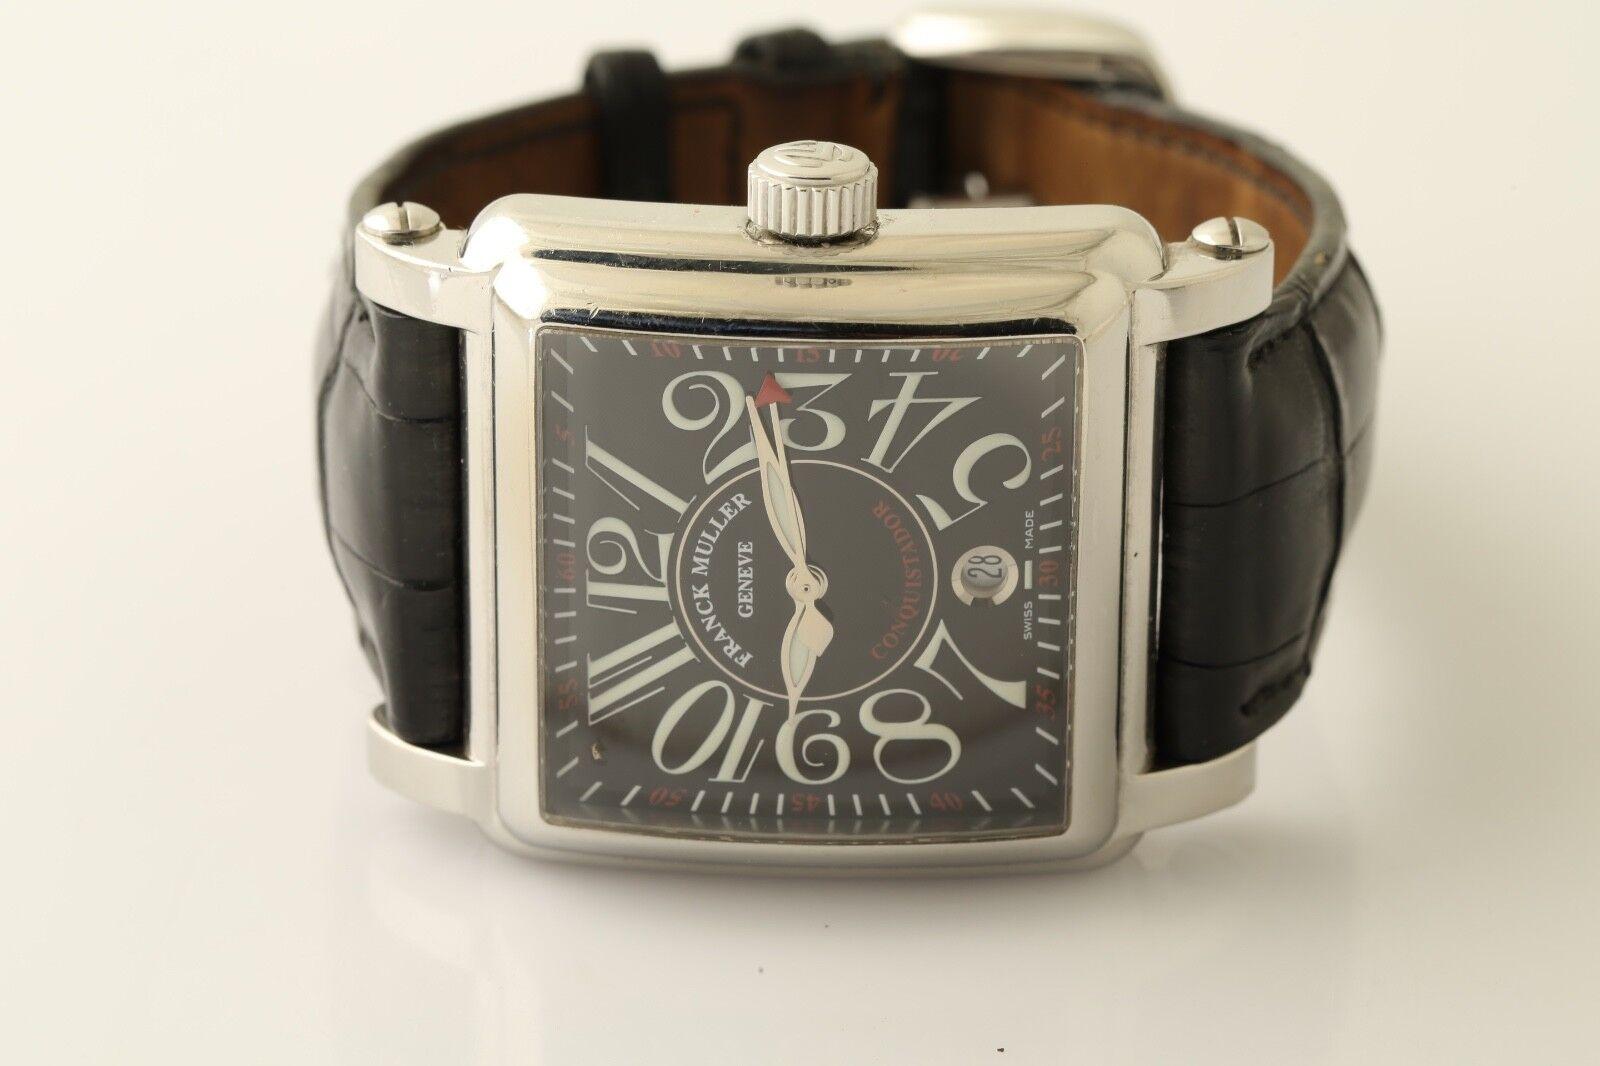 Franck Muller Conquistador Cortez King 10000 H SC Wristwatch - watch picture 1